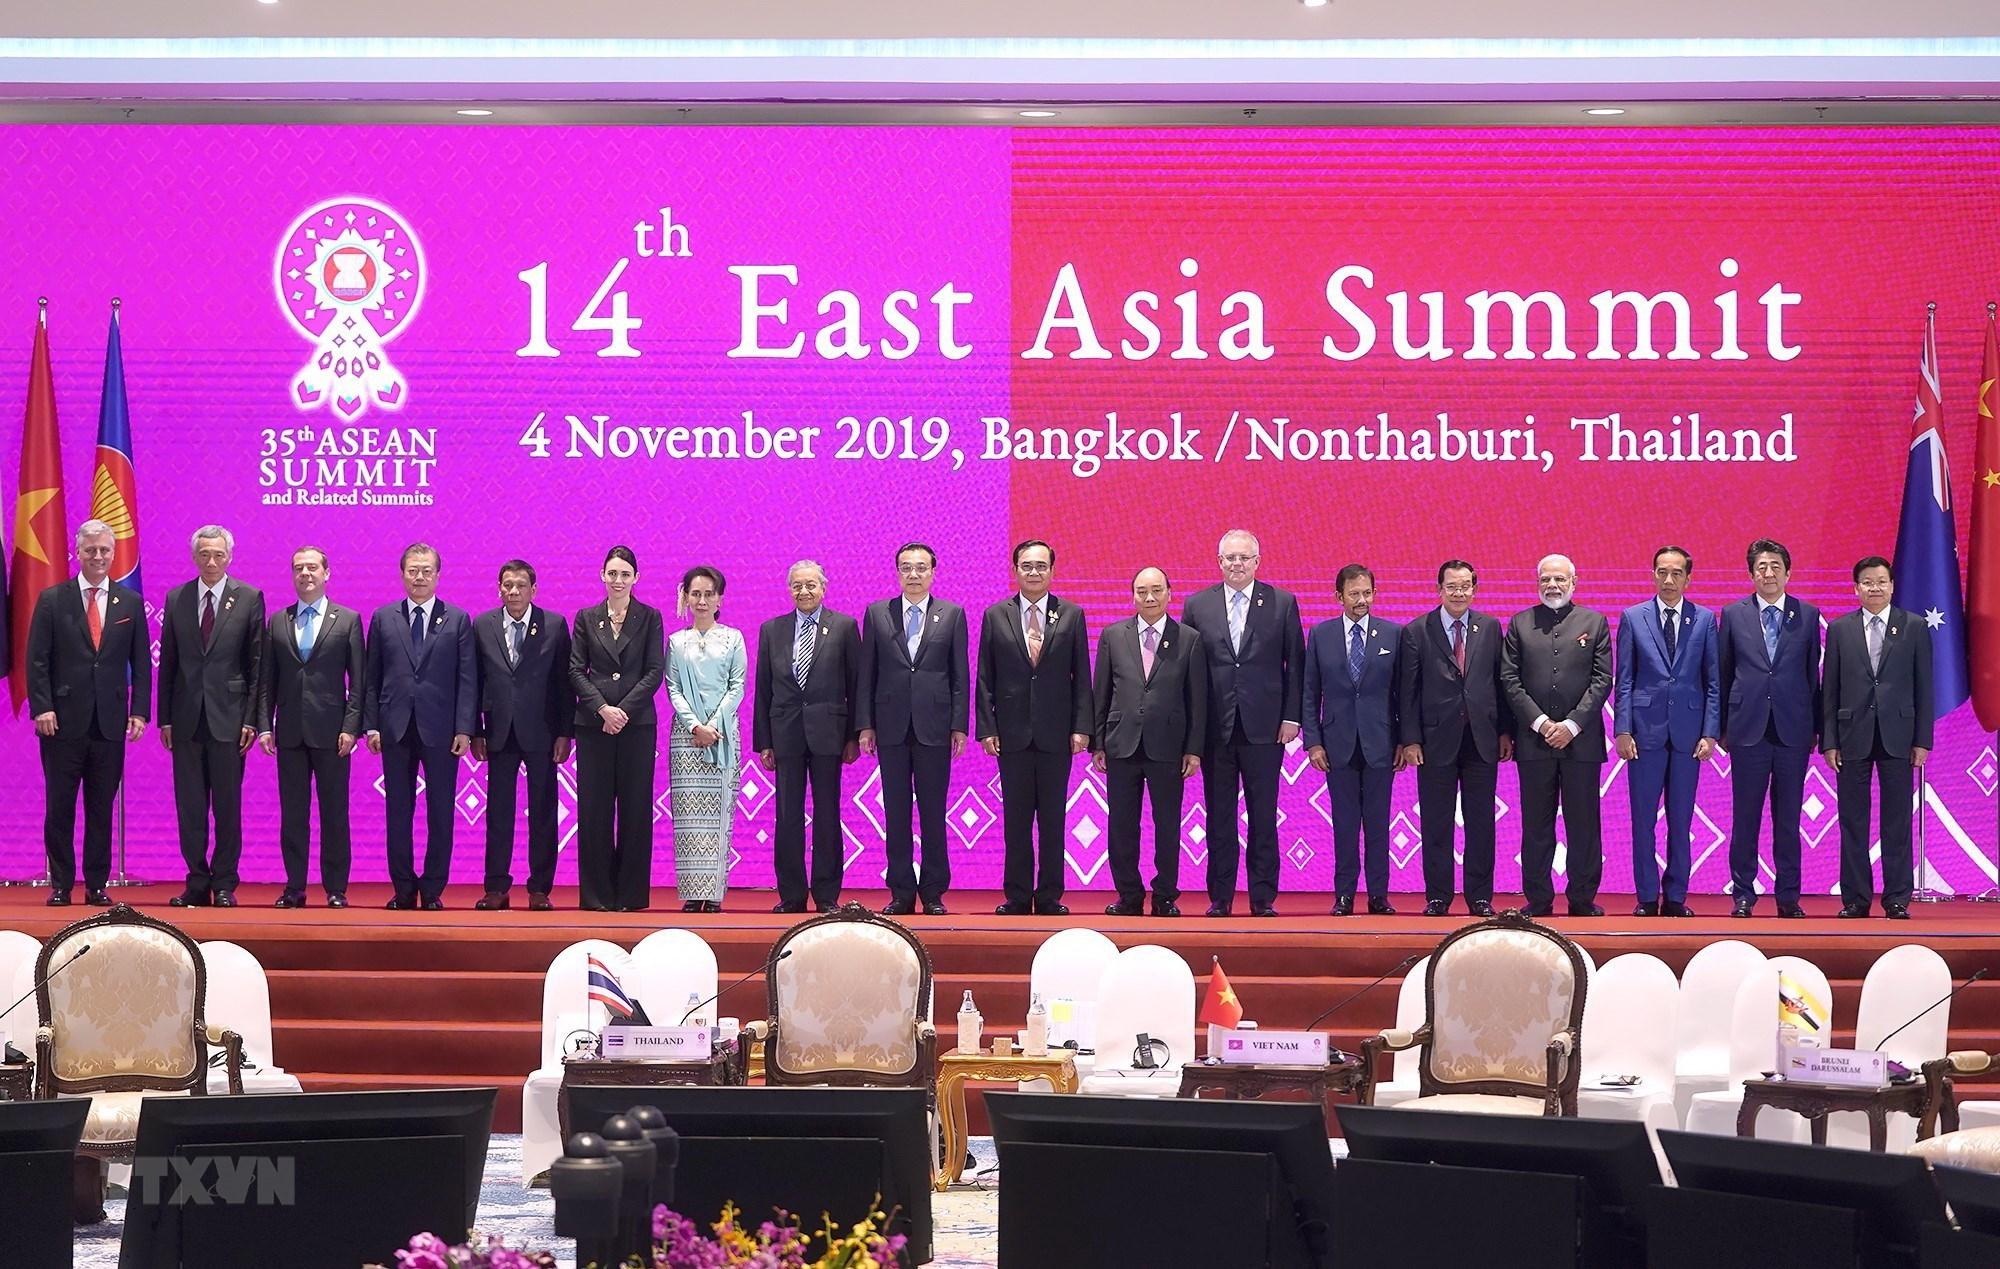 Hội nghị Cấp cao Đông Á lần thứ 14 dành nhiều thời gian thảo luận về tình hình Biển Đông 🎥